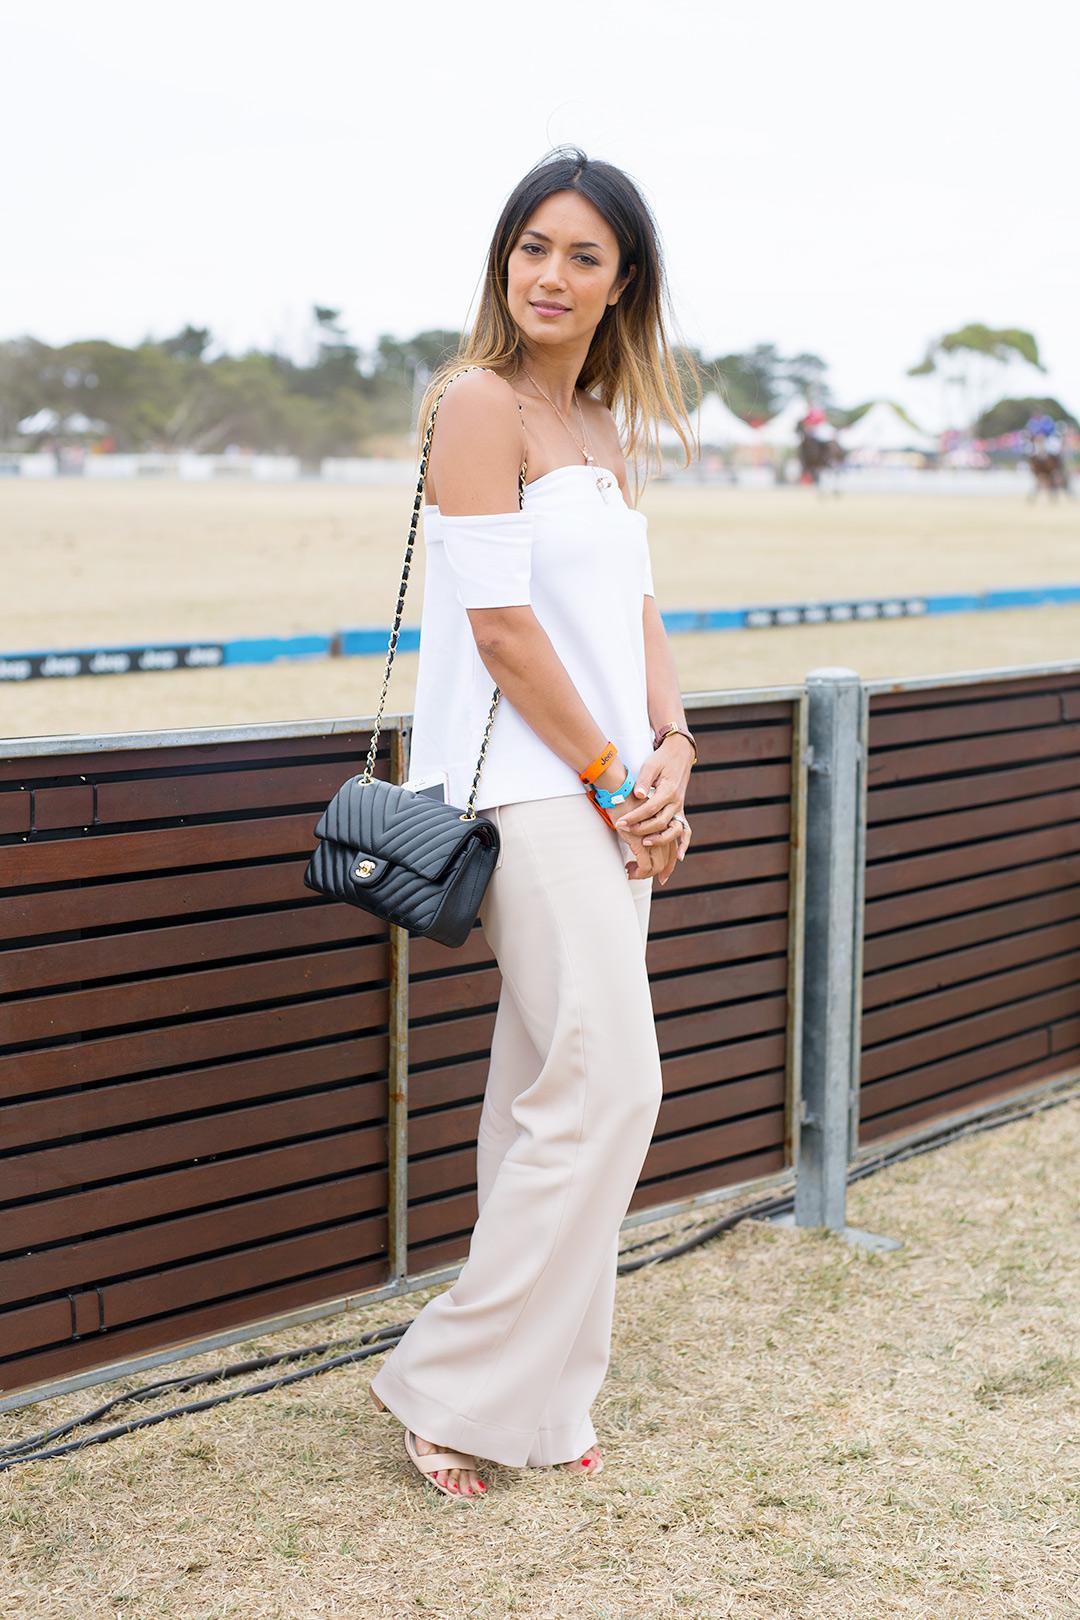 2016 Portsea Polo fashion stylesnooperdan